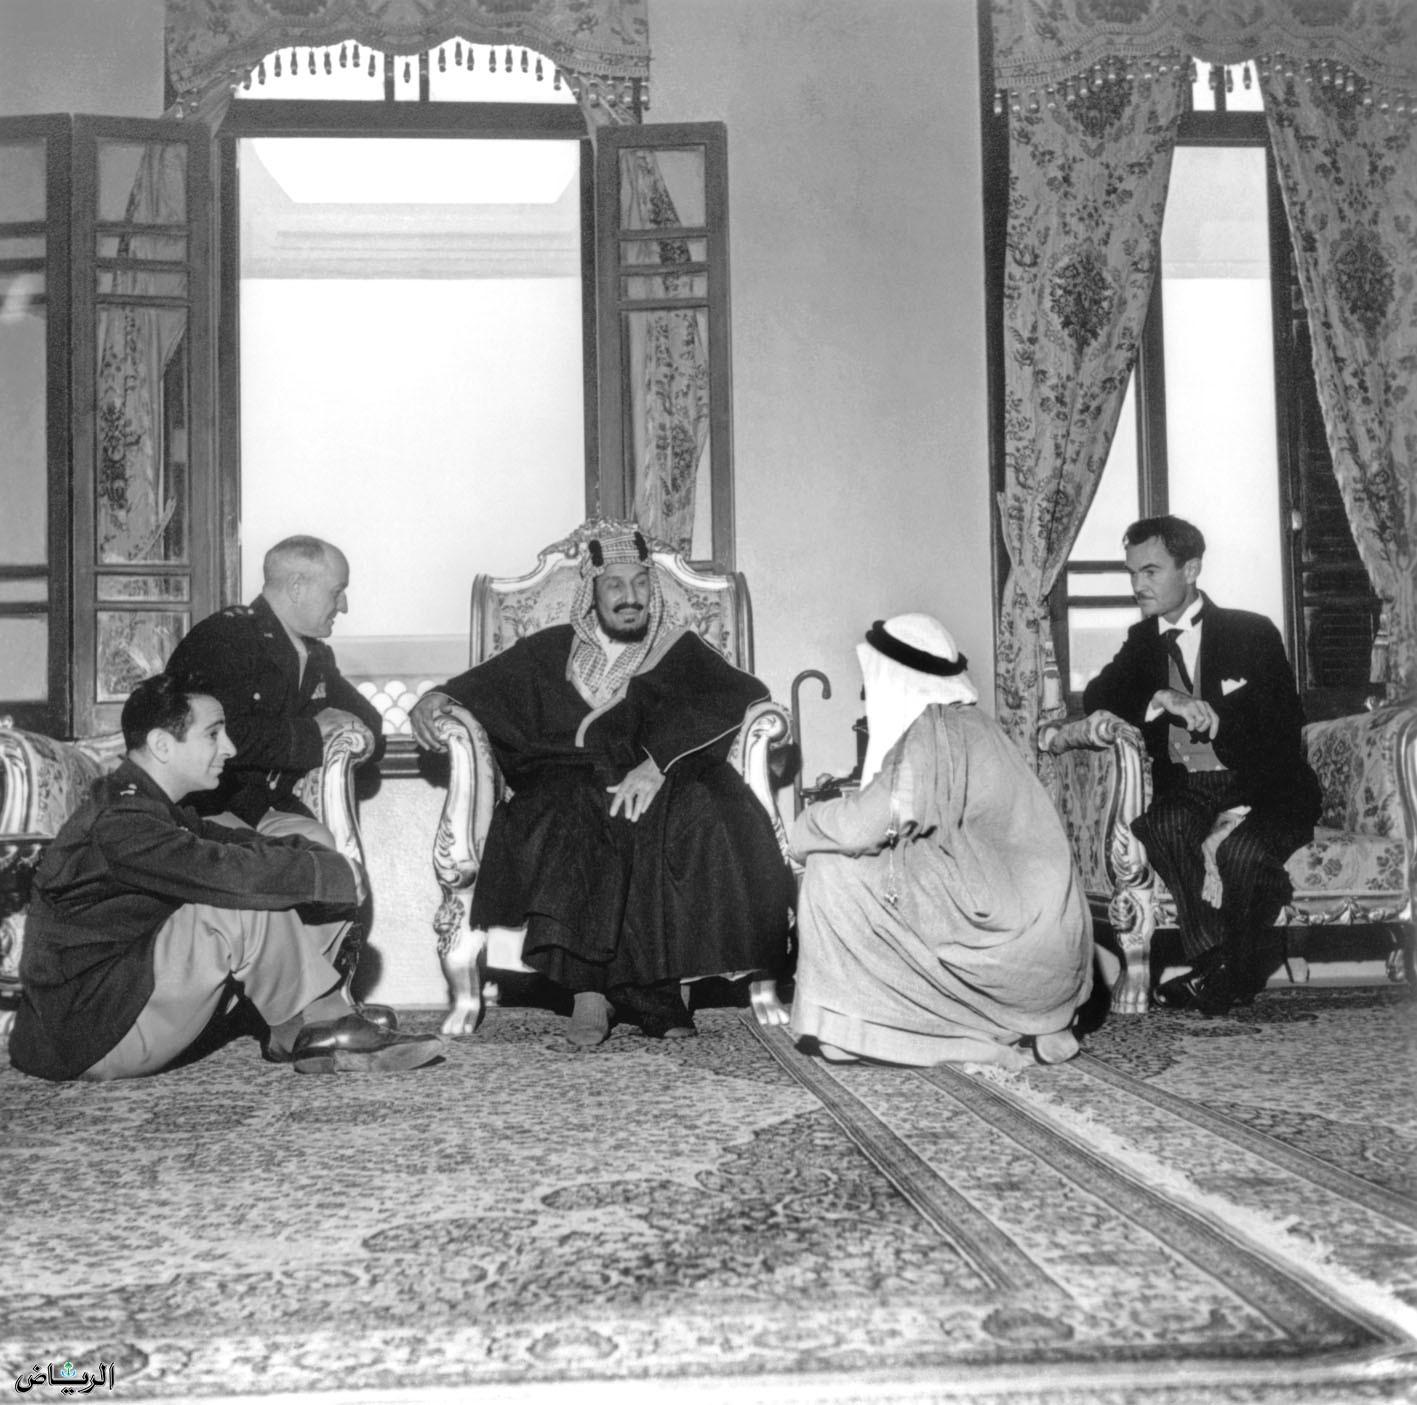 Дворец Хузам в Джидде  - исторический памятник   времён основания Королевства Саудовская Аравия